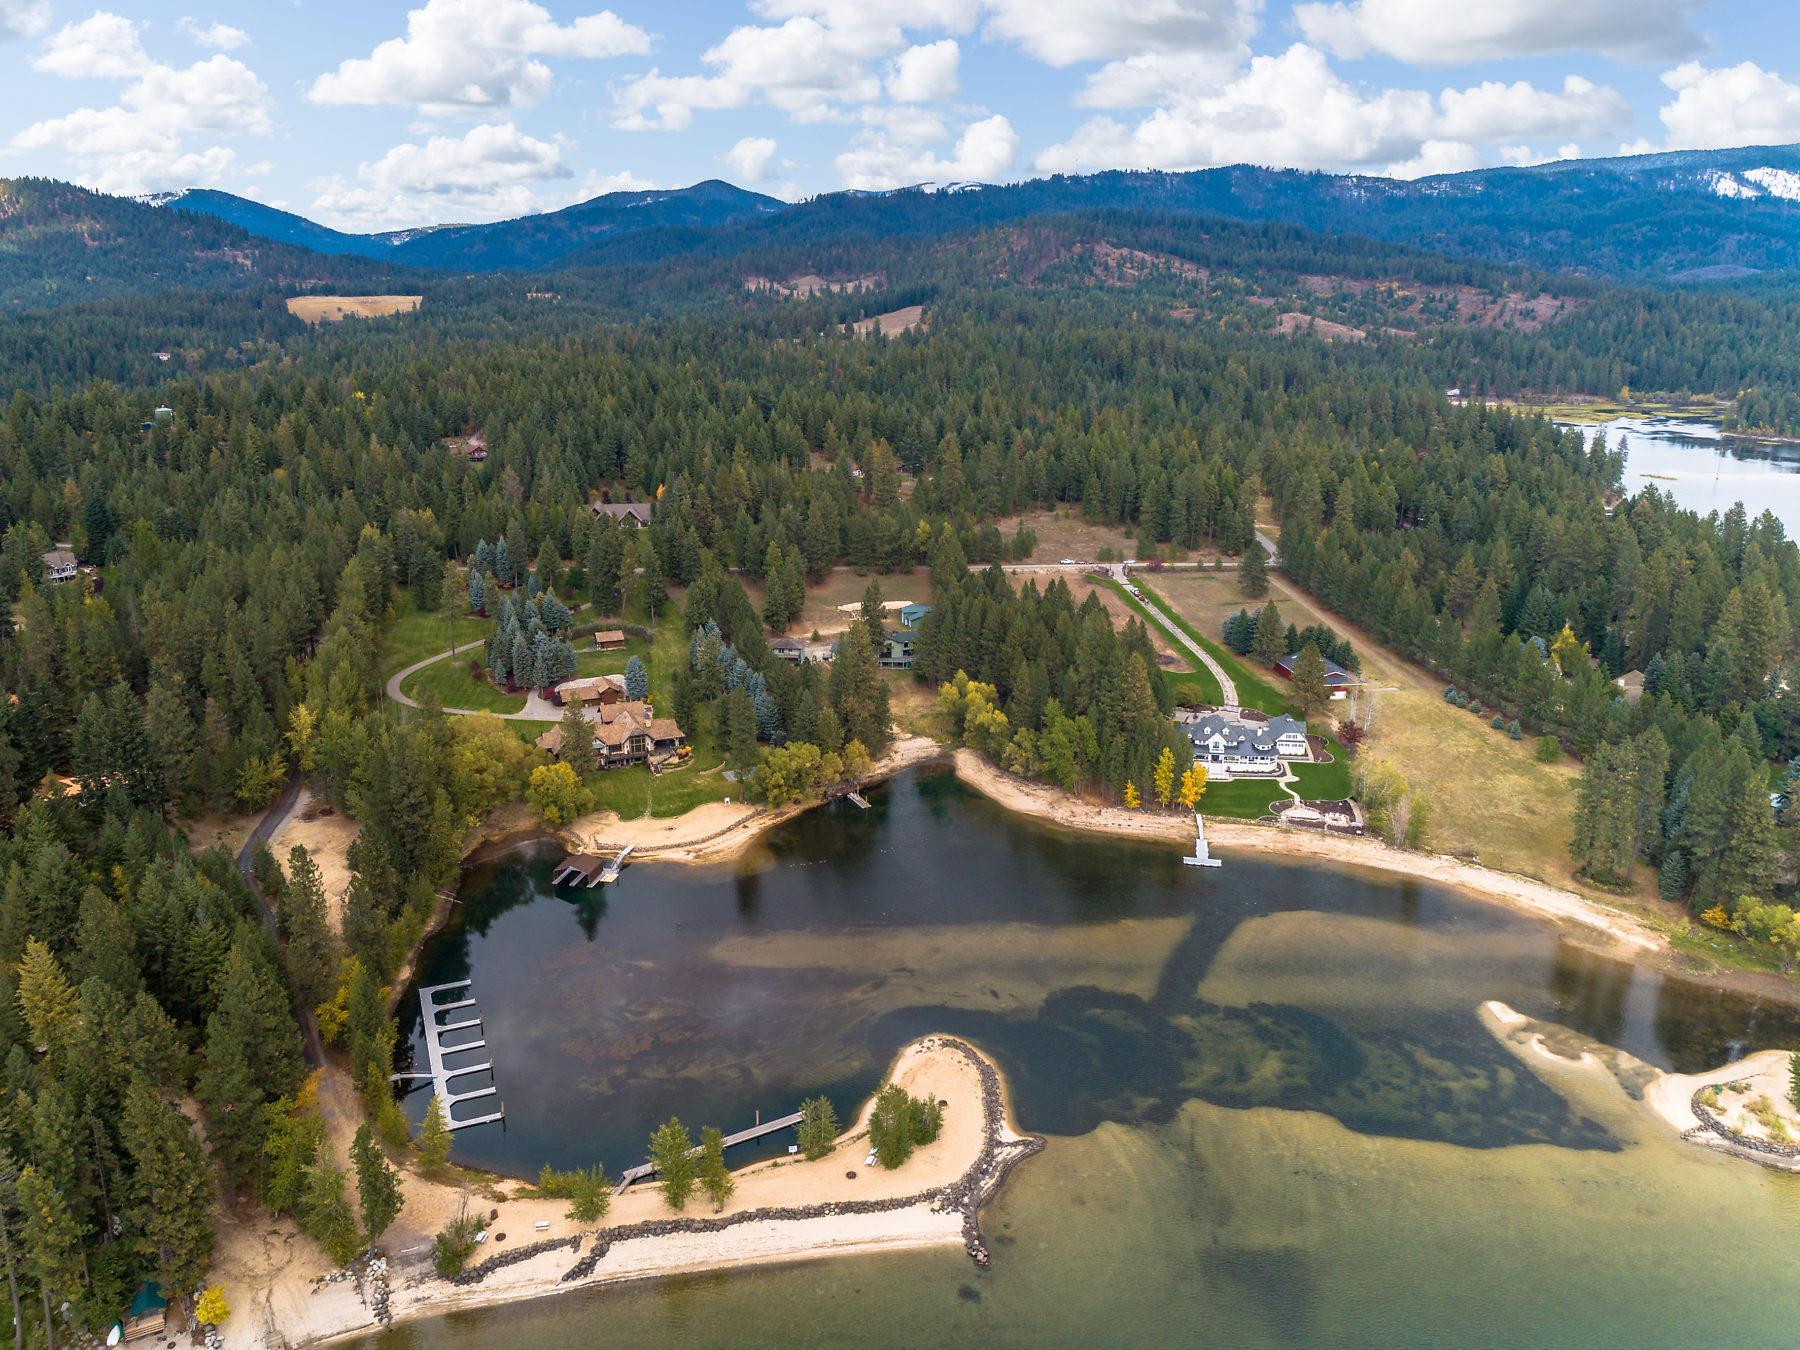 photo of 7642 E GEM SHORES RD Hayden Idaho 83835